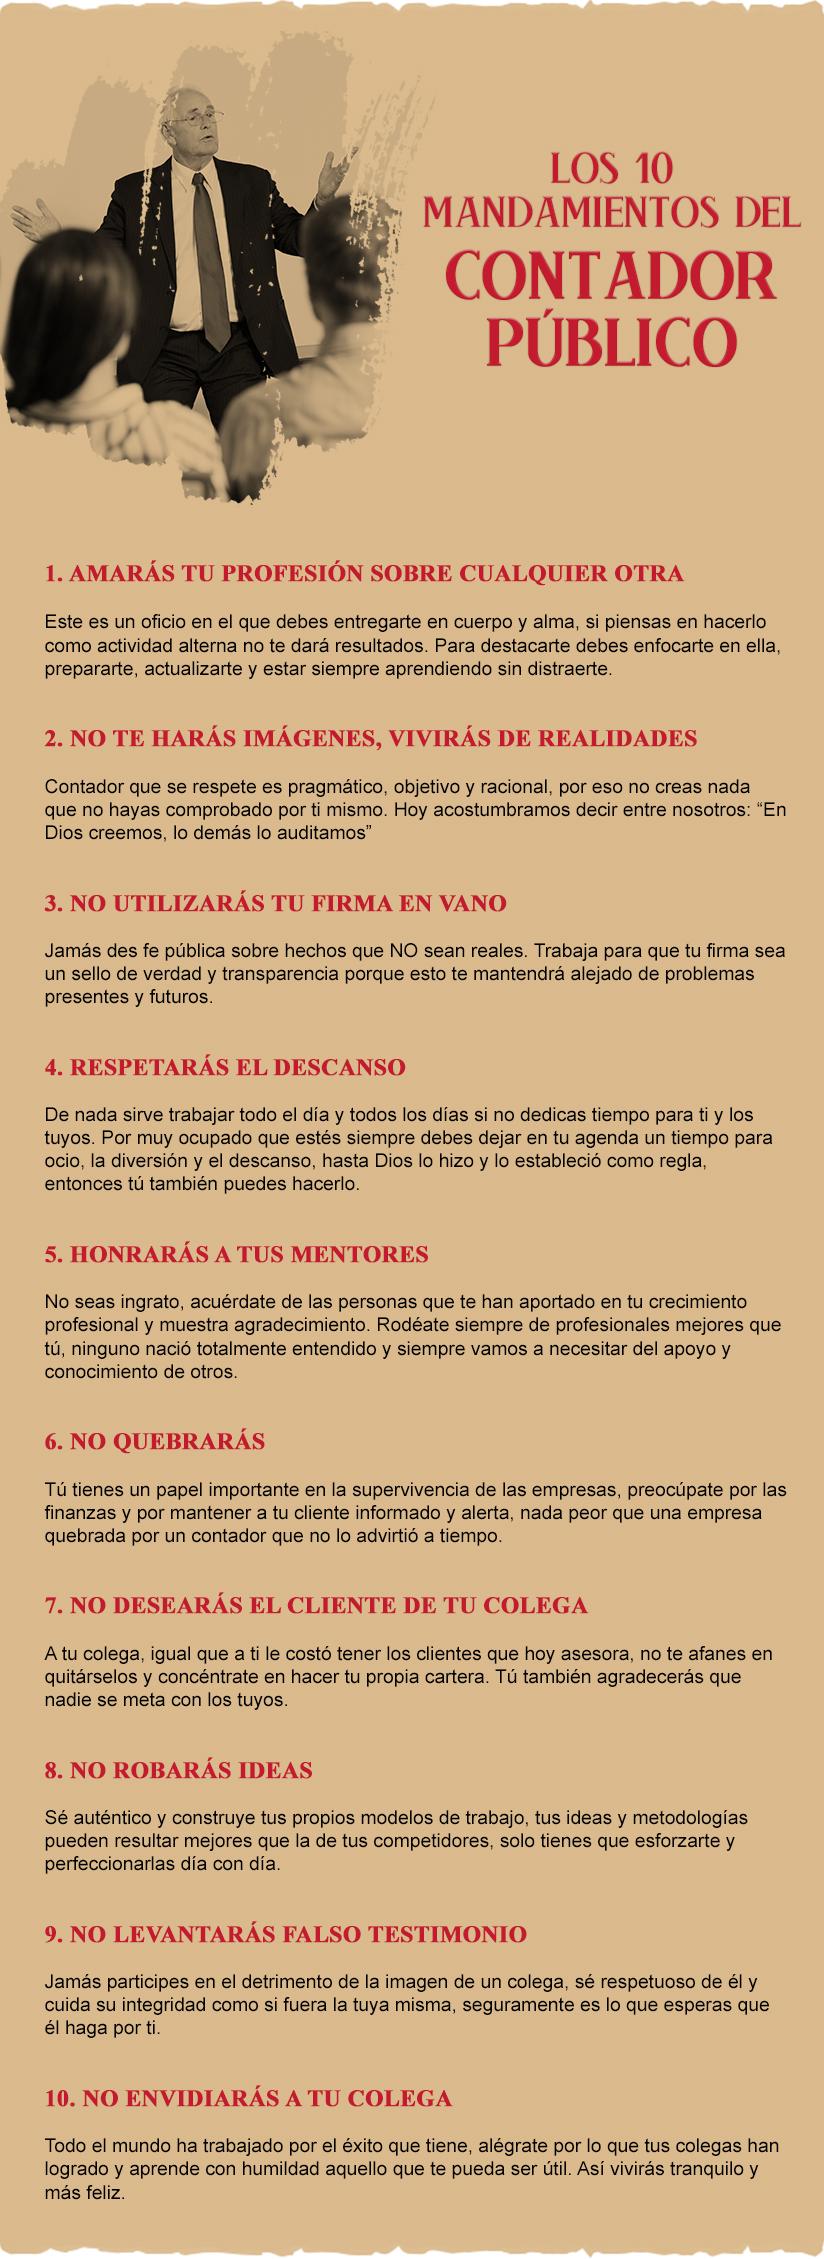 [Infografía] Los 10 mandamientos del Contador Público